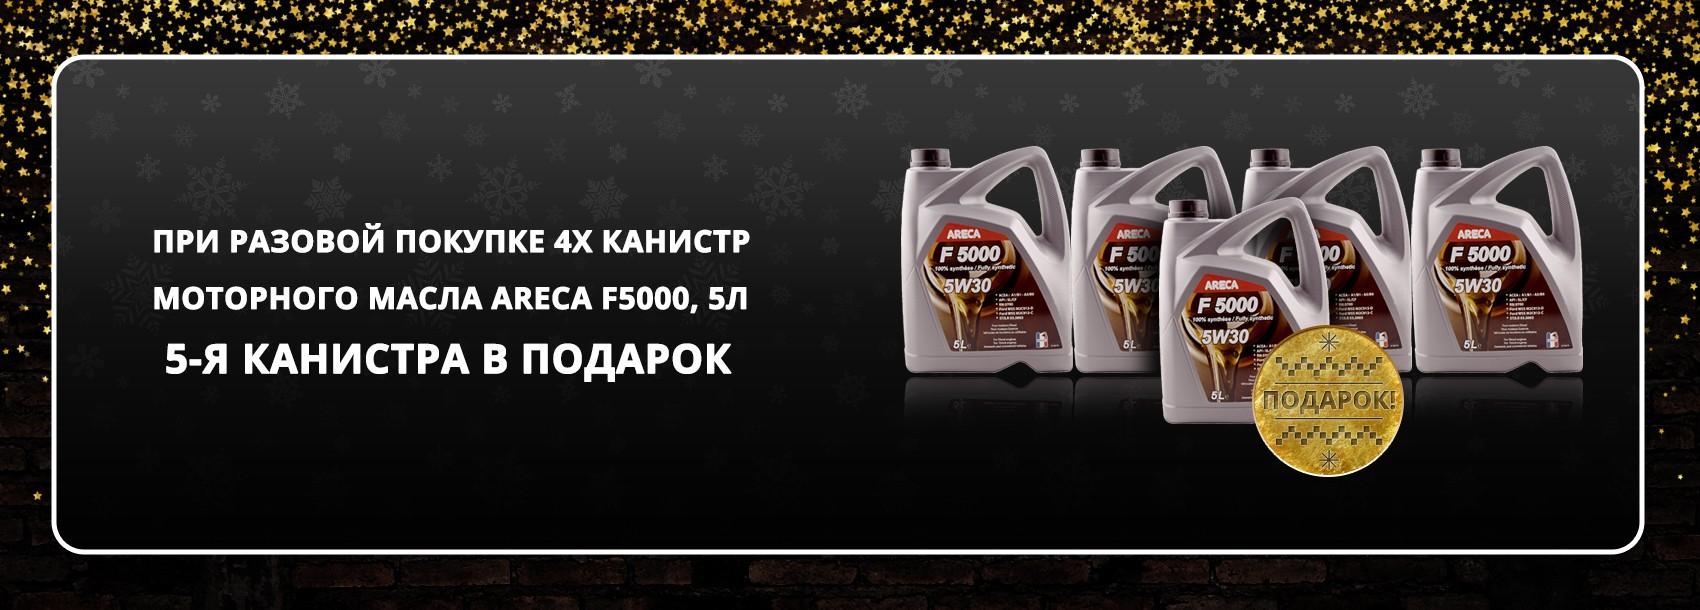 5-я канистра в ПОДАРОК – при разовой покупке 4х канистр моторного масла Areca F5000